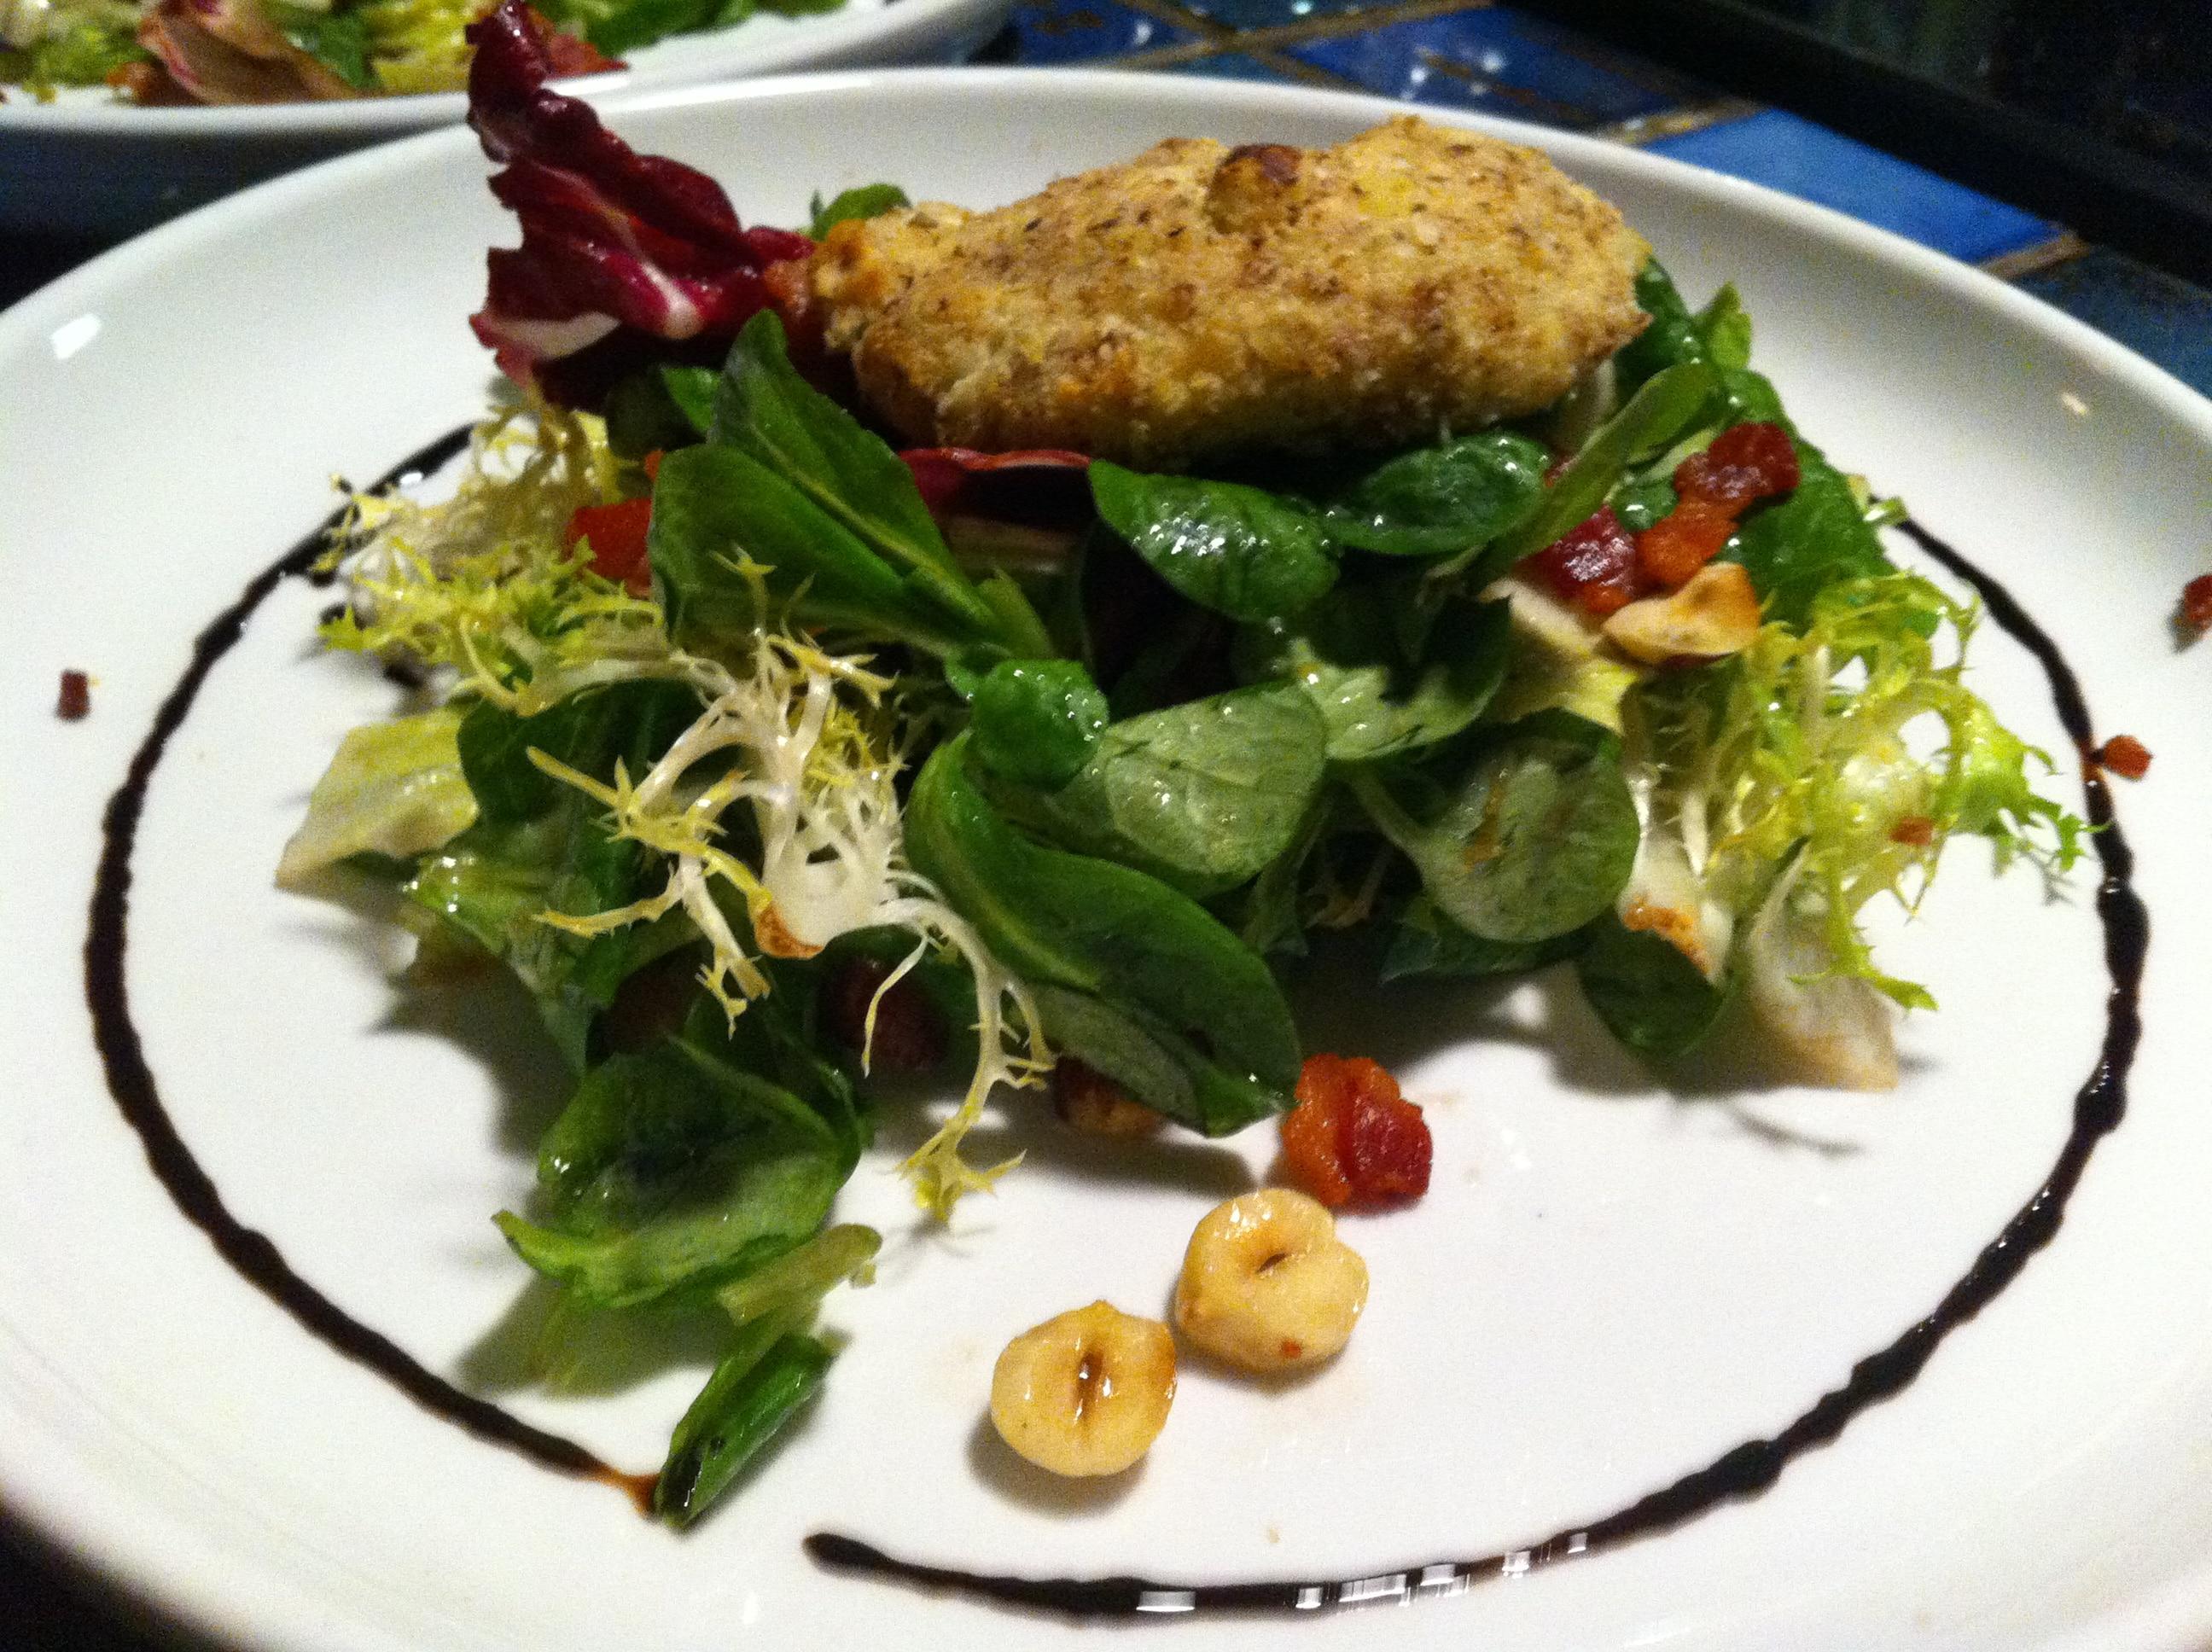 Halzelnut crusted Goat cheese salad